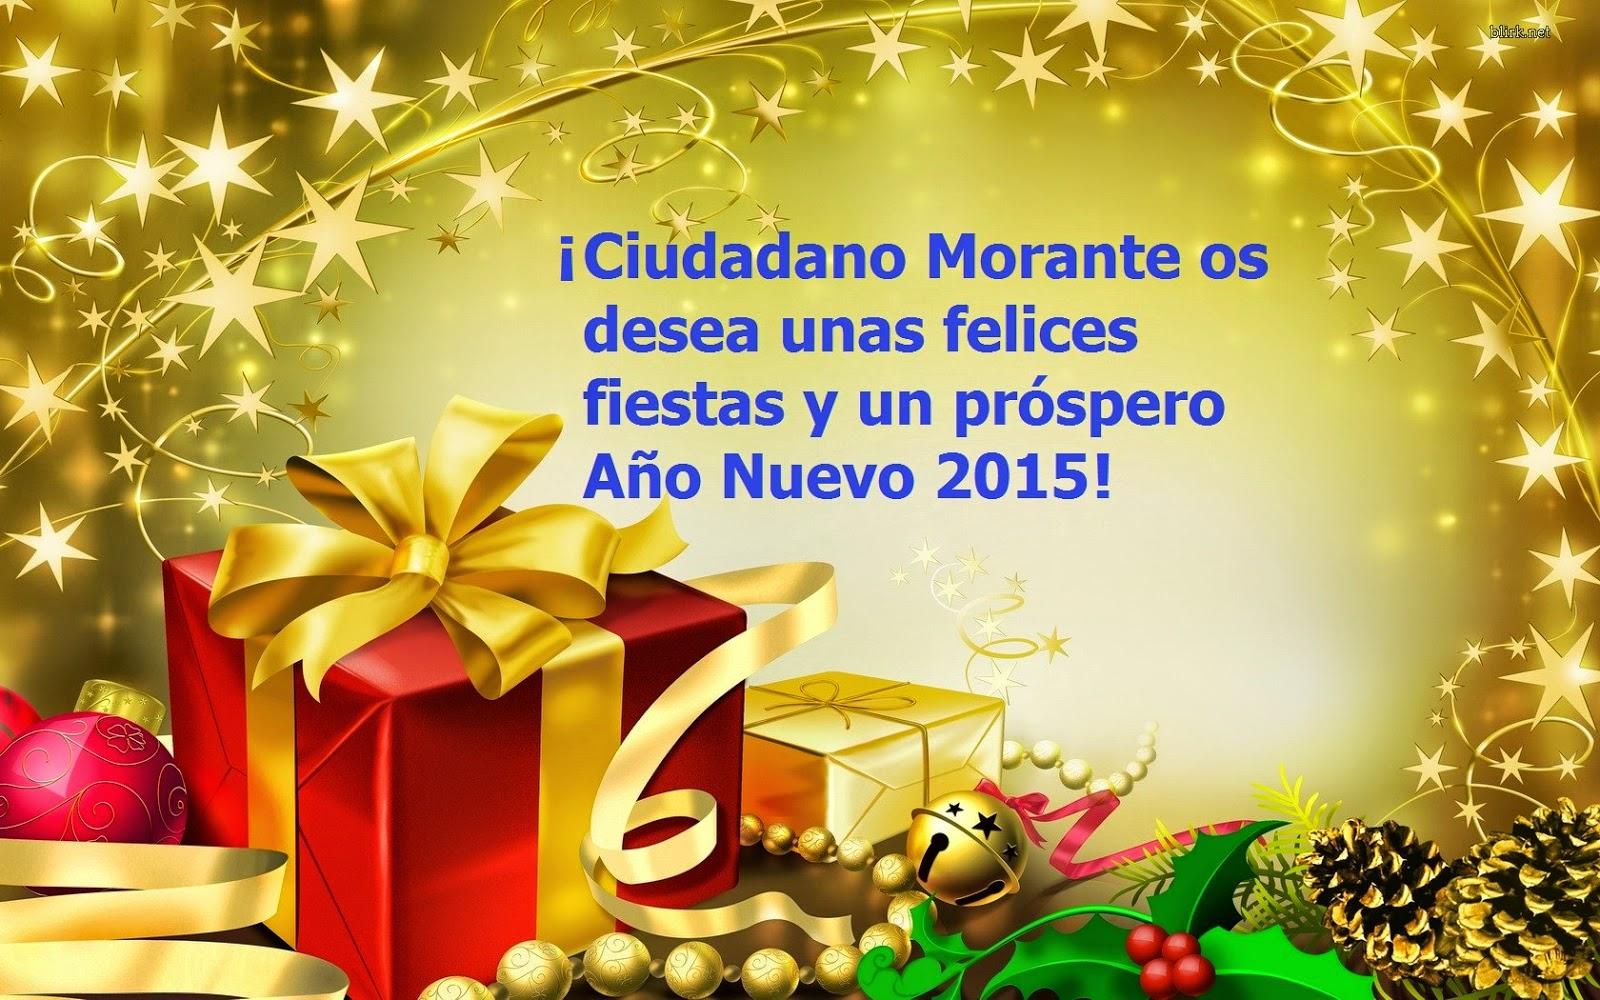 Ciudadano Morante os desea unas Felices Fiestas y un próspero Año Nuevo